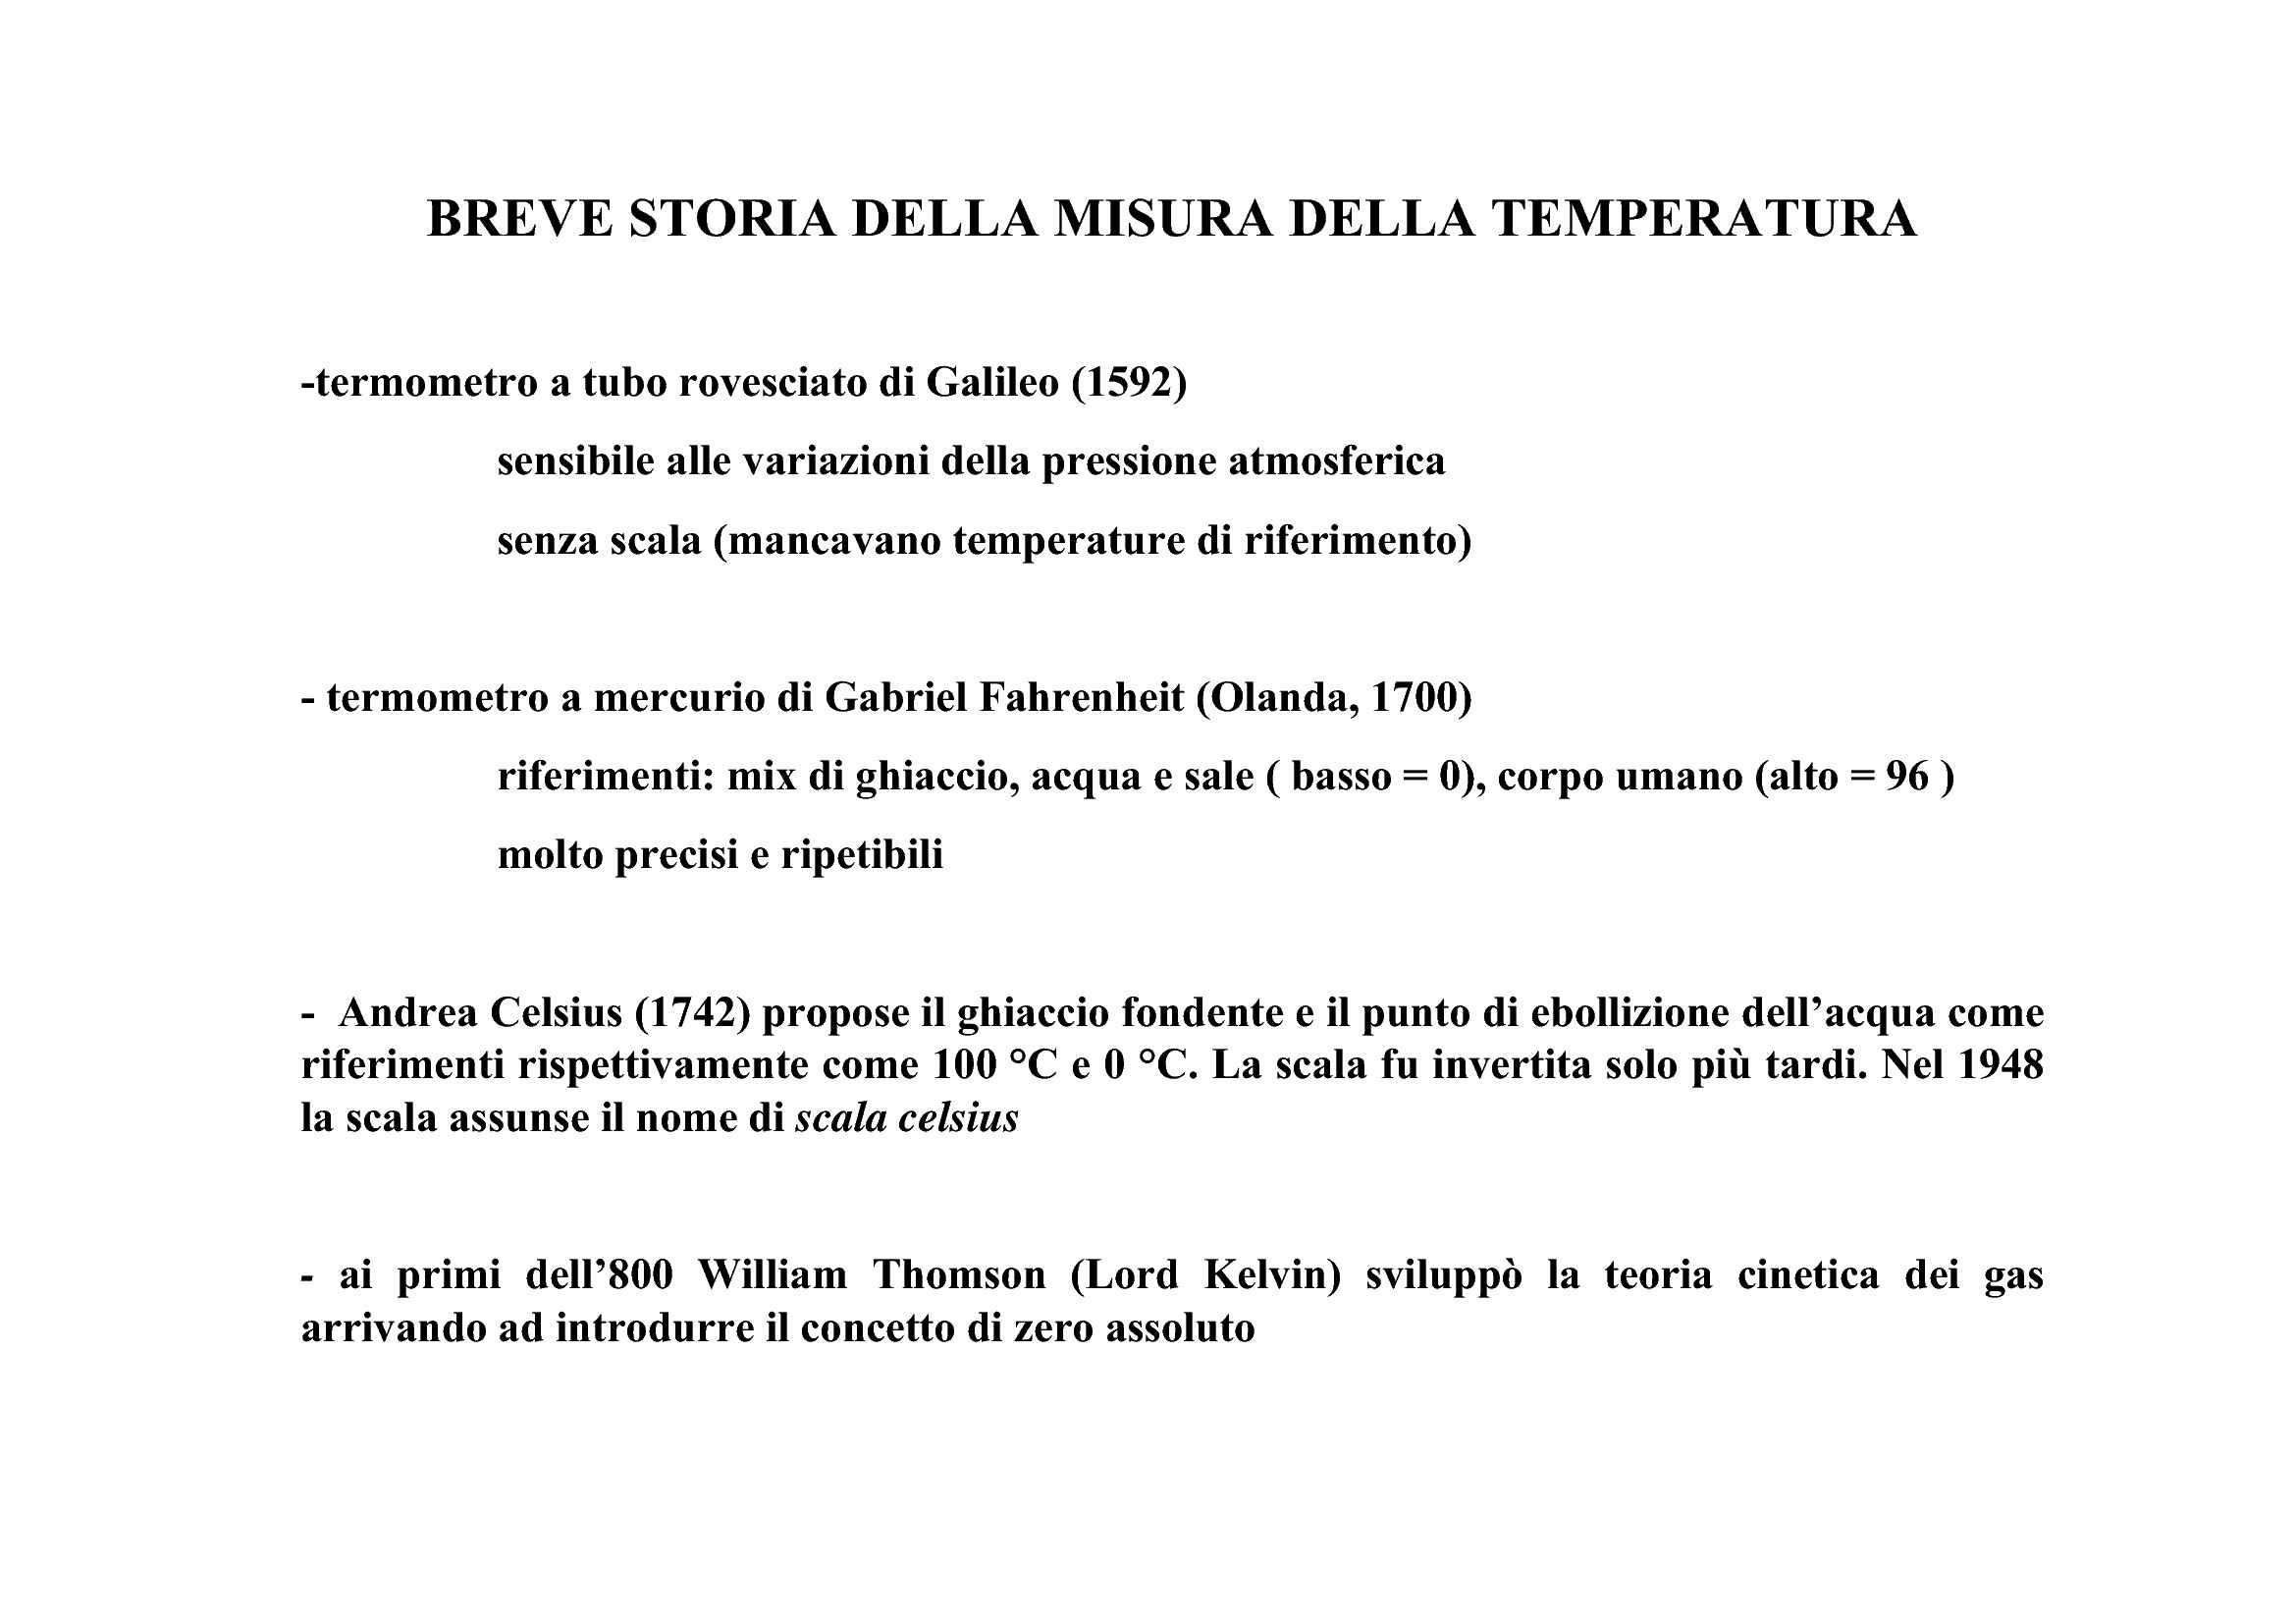 Storia della misura della temperatura